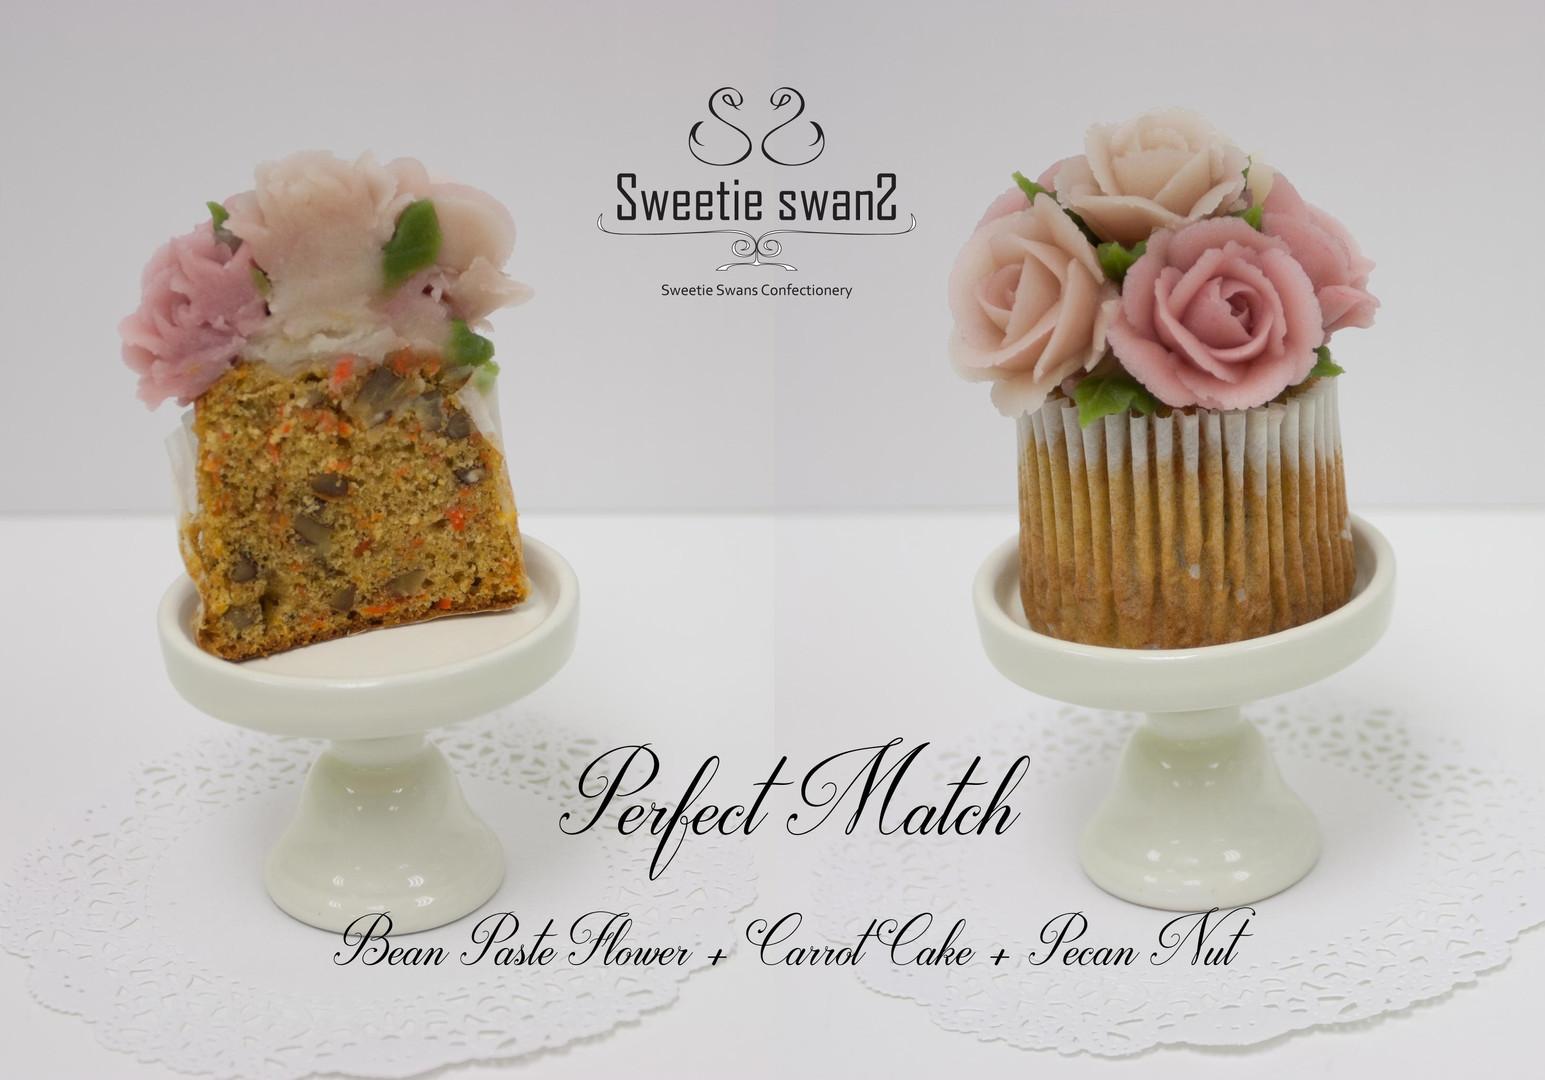 Korean Bean Paste Flower Cupcake